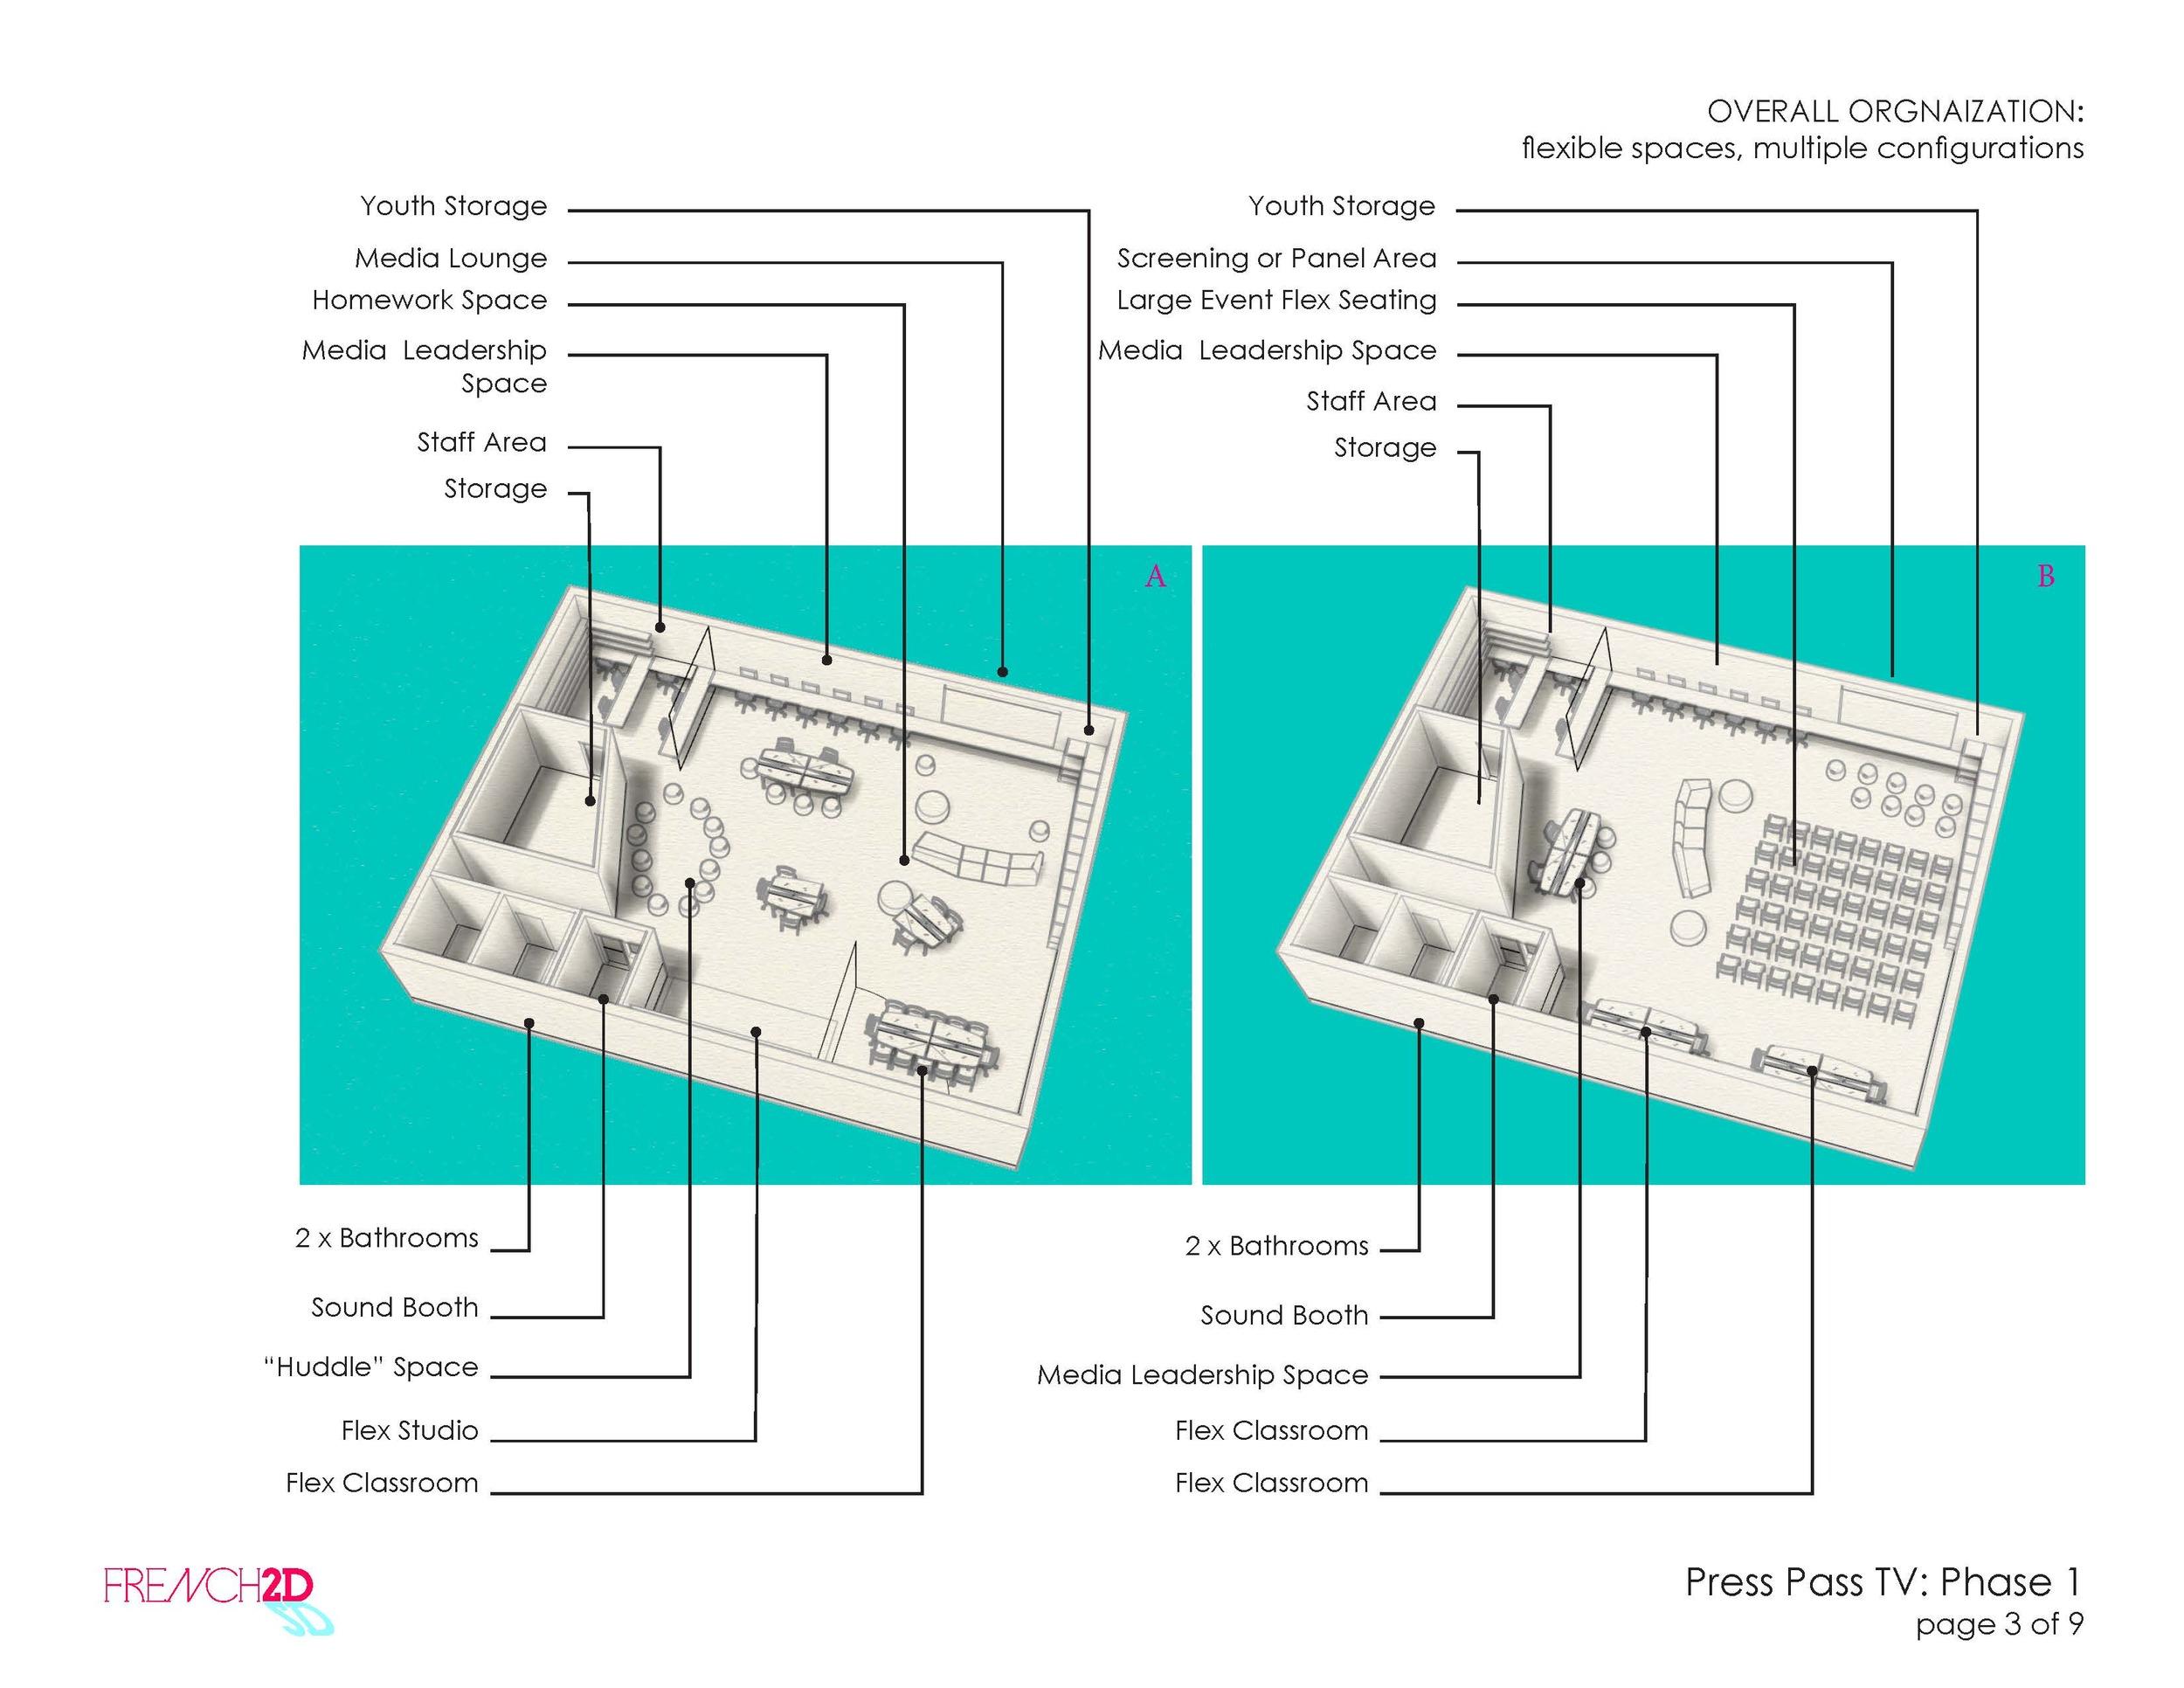 PressPassTV_Phase1_Study_3-31-14_Page_3.jpg